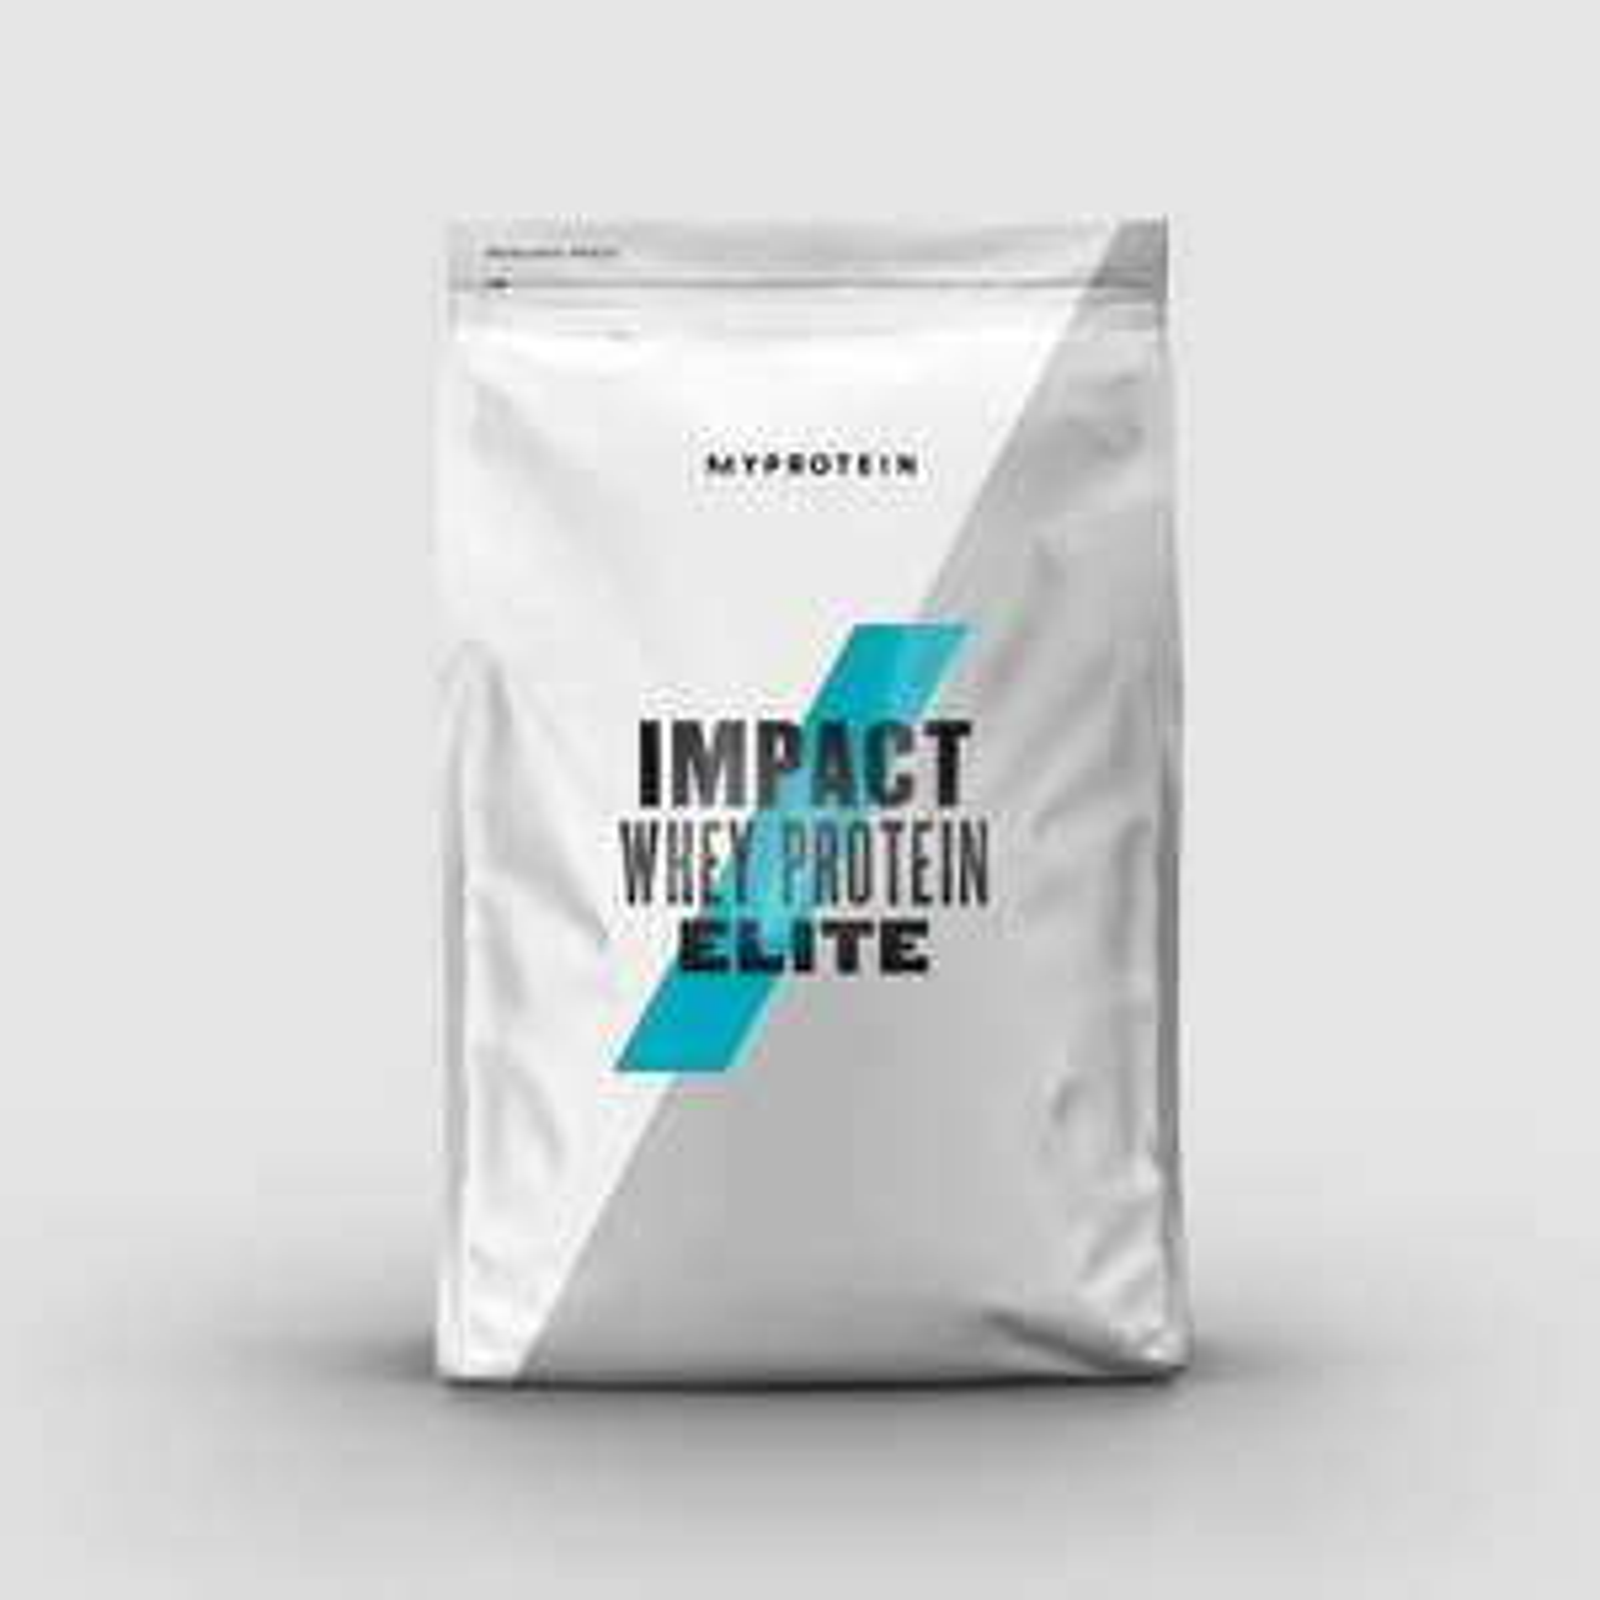 1 Sac de Protéine Impact Whey Protein Elite Vanille - 2.5kg (13.43€ avec le code POULPEXTRA)